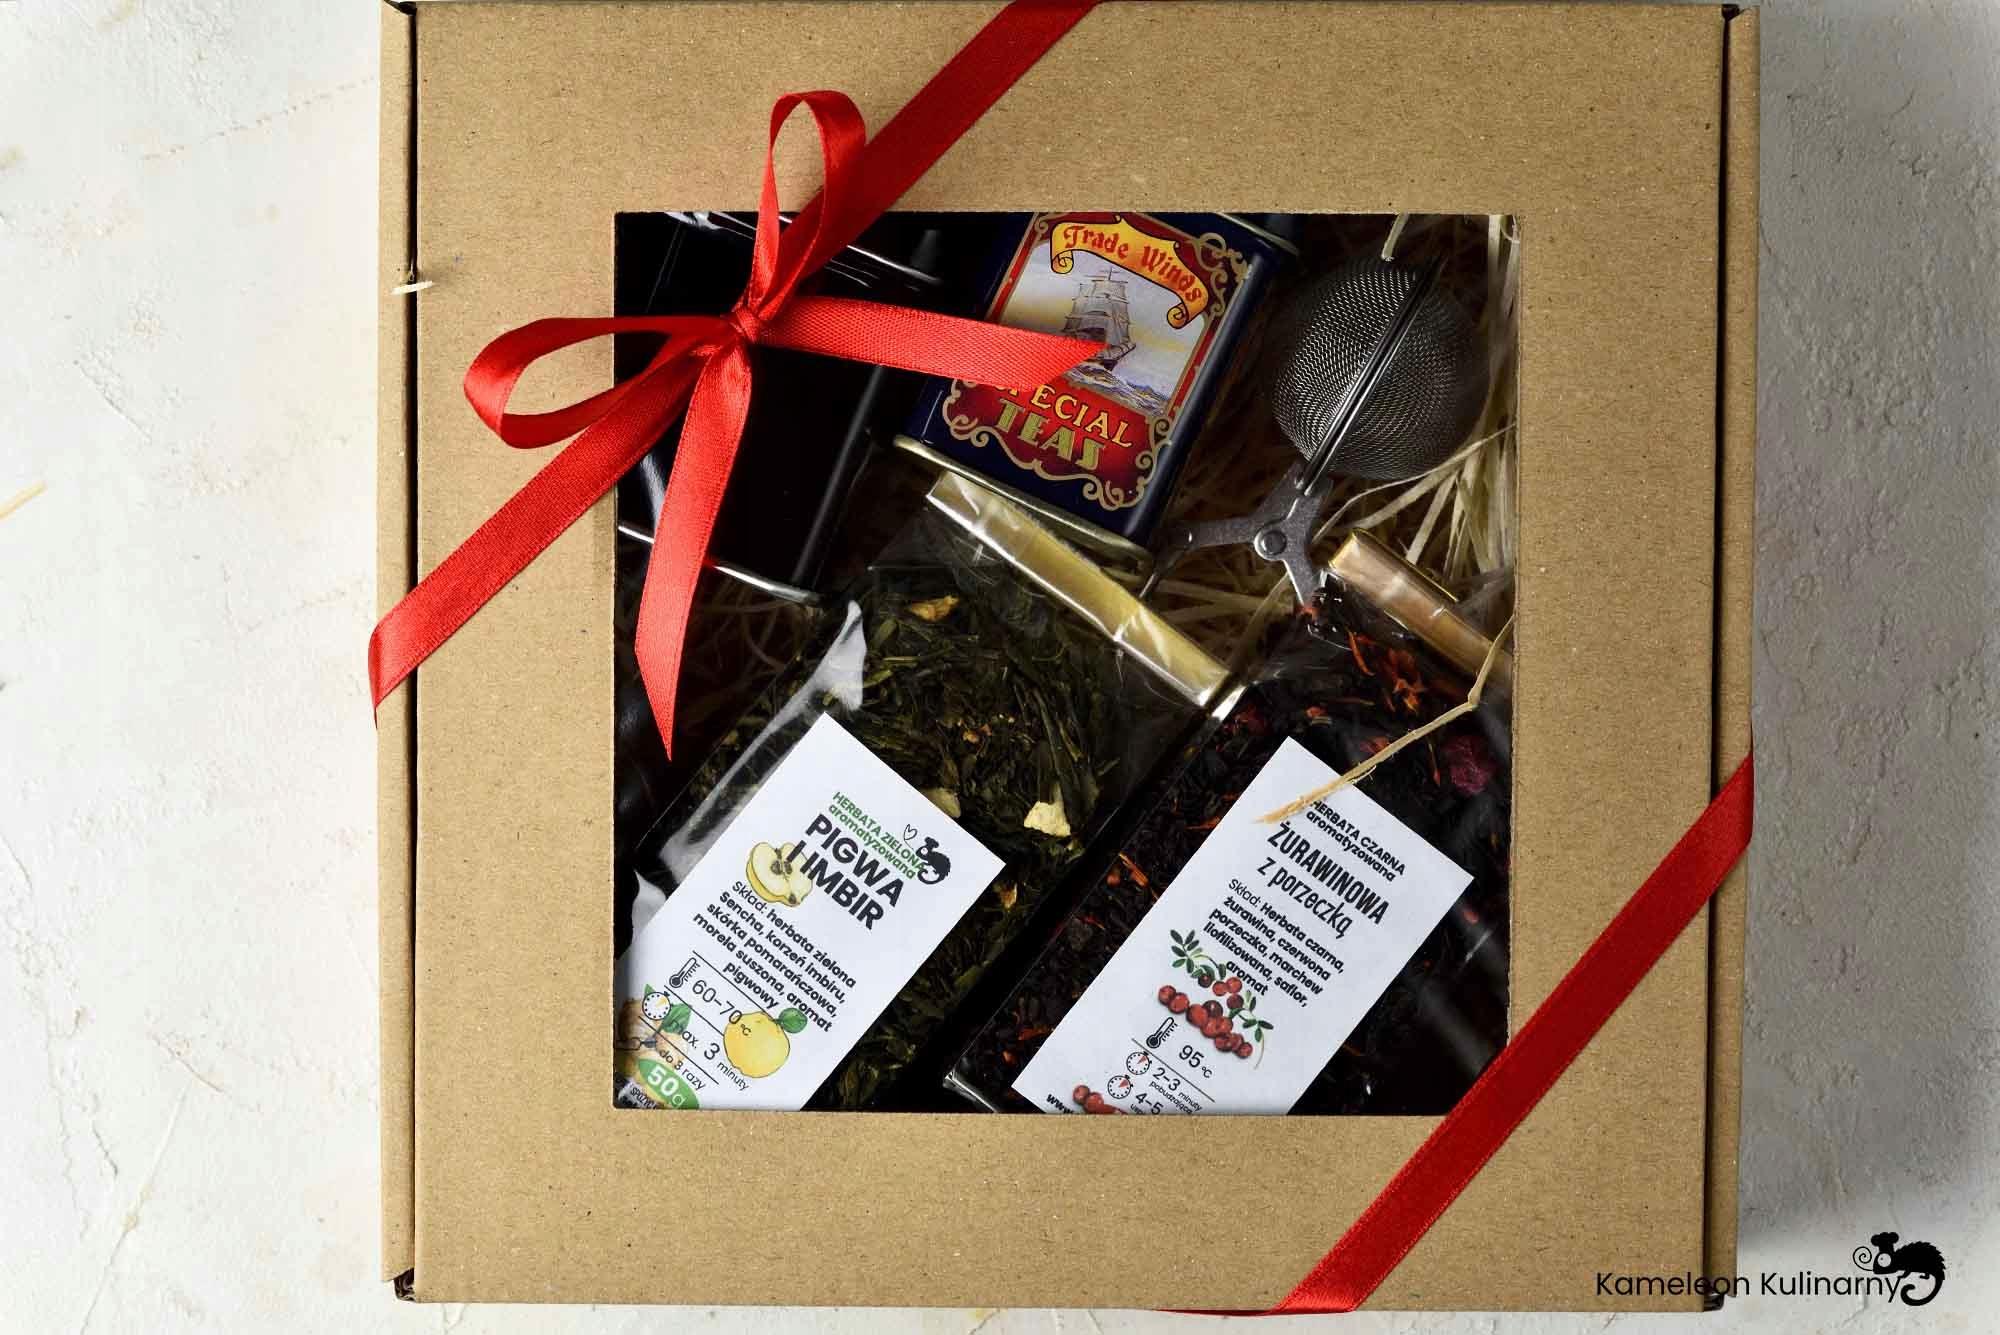 ZESTAW PREZENTOWY 2 herbaty 2 puszki i zaparzacz Kod producenta ZESTAW PREZENTOWY